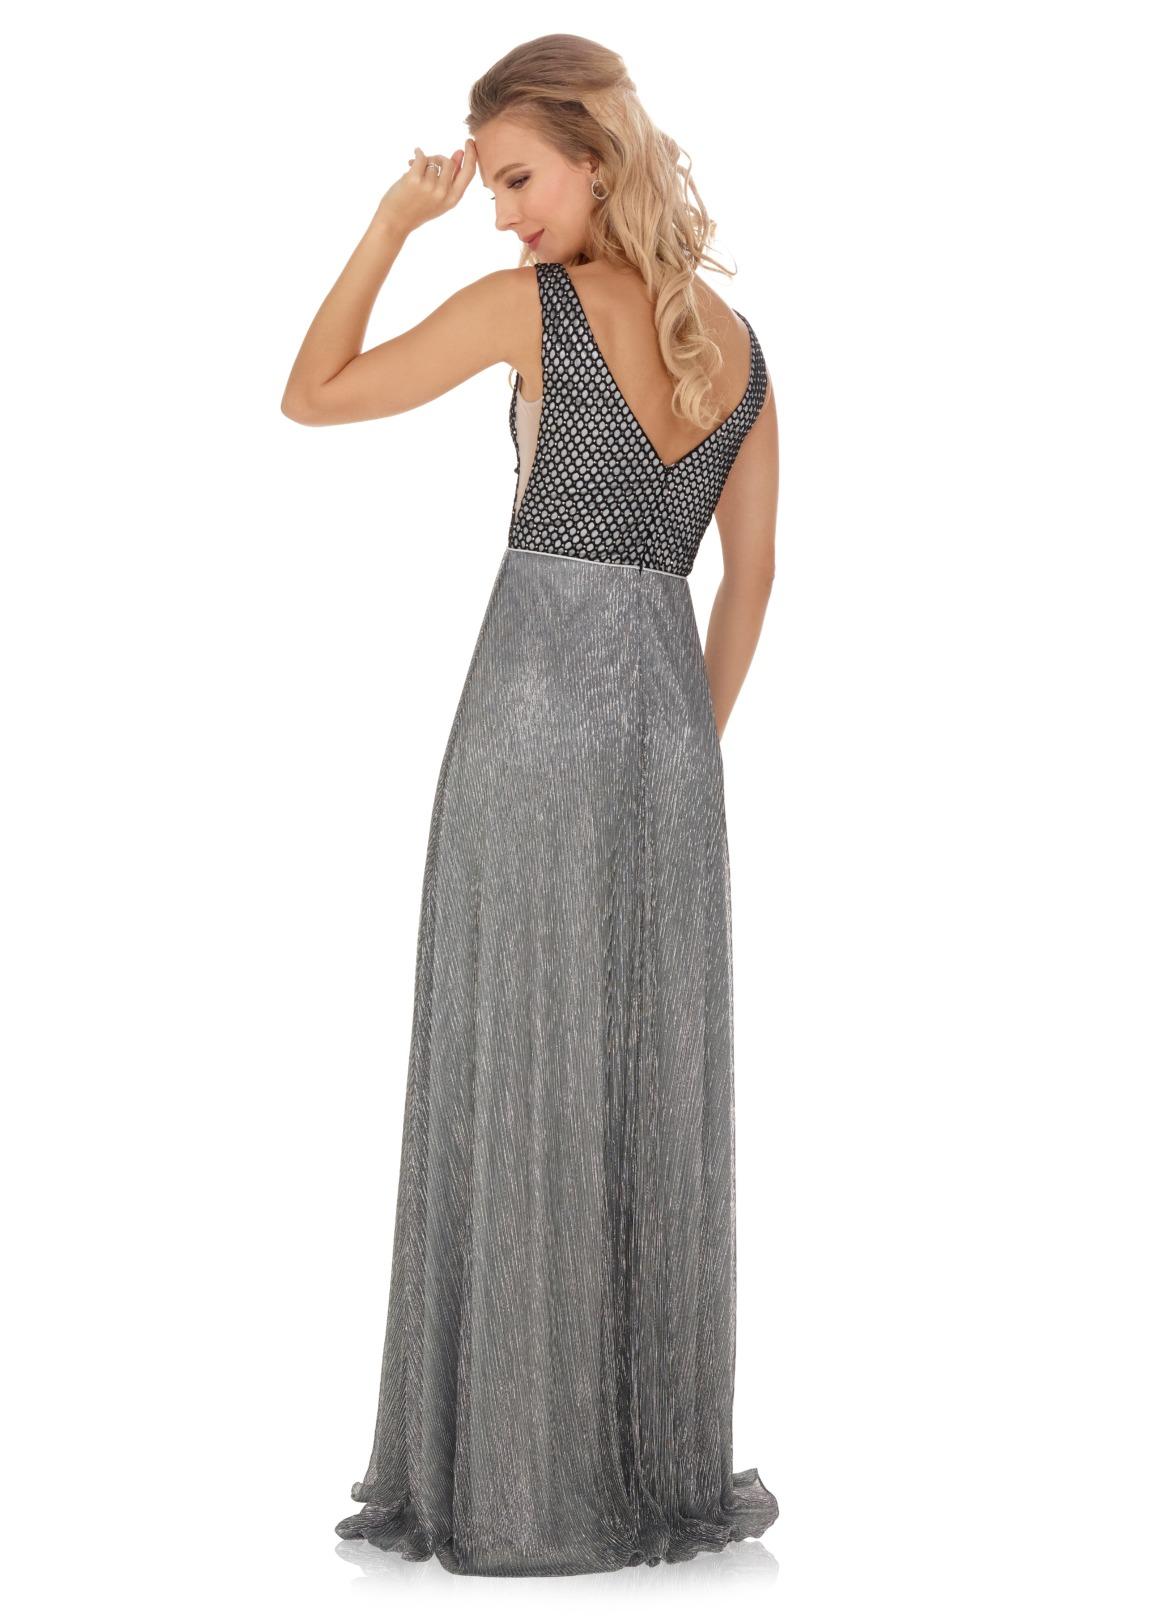 Schützenfest Königinnenkleid Hofdamen Hofstaat Kleid grau silber plissee glitzer V-Ausschnitt